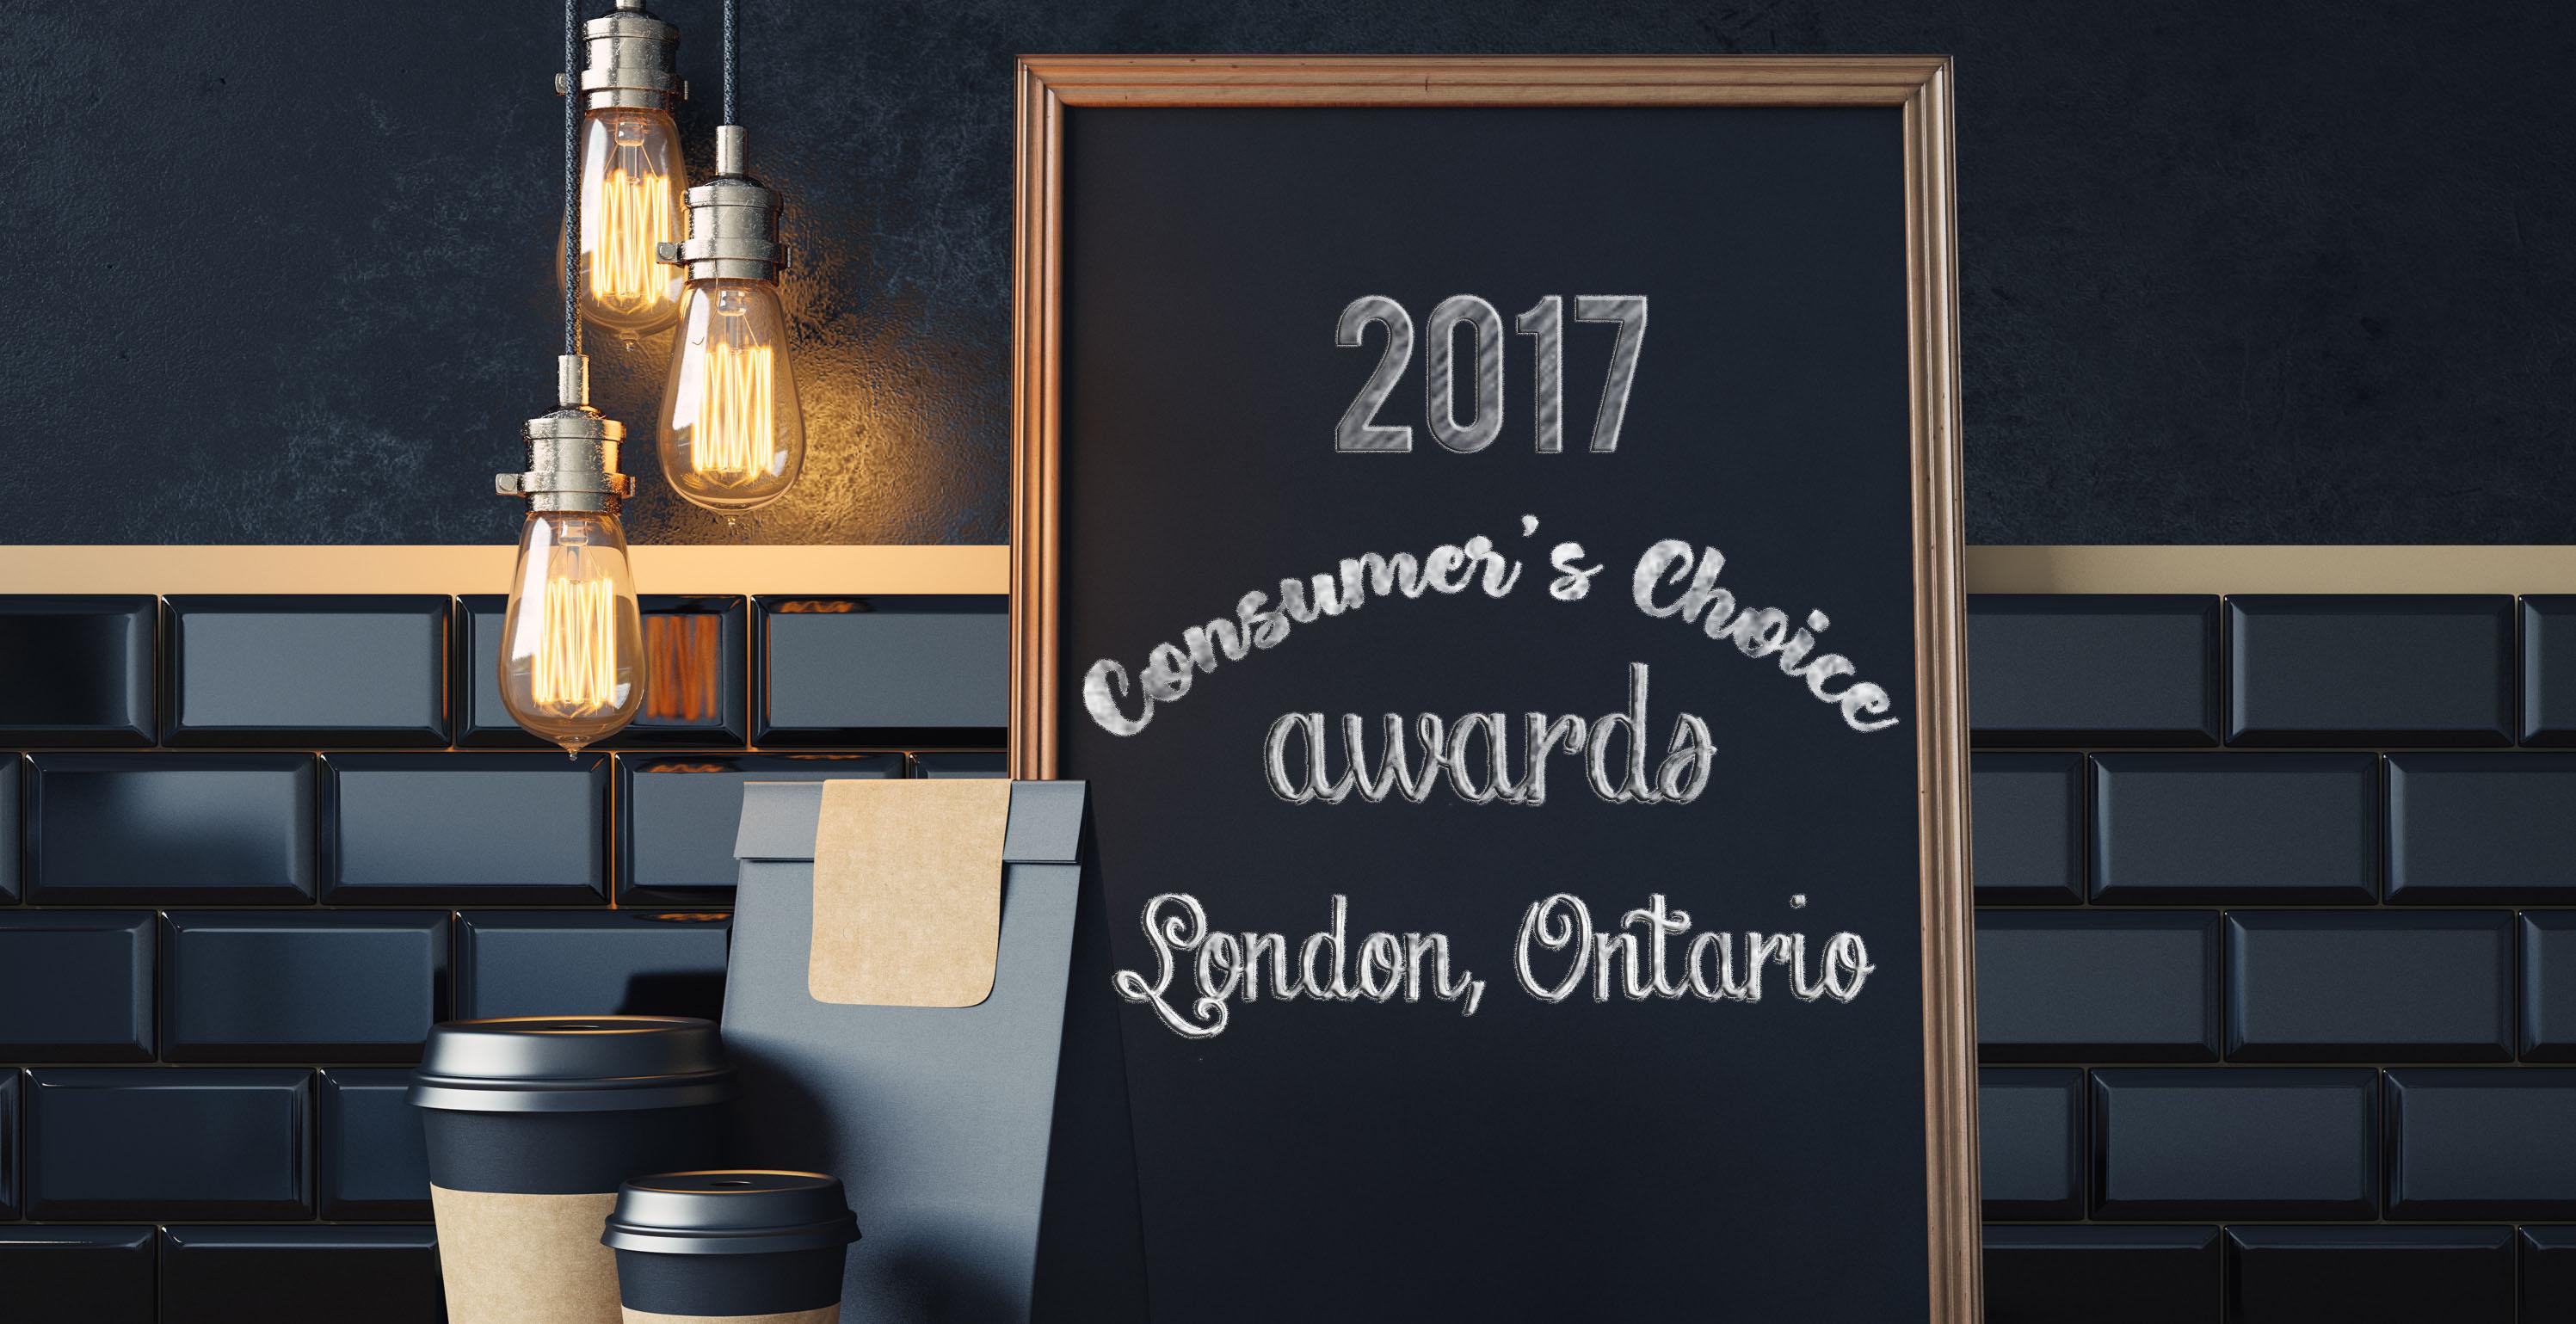 Consumer's Choice Awards